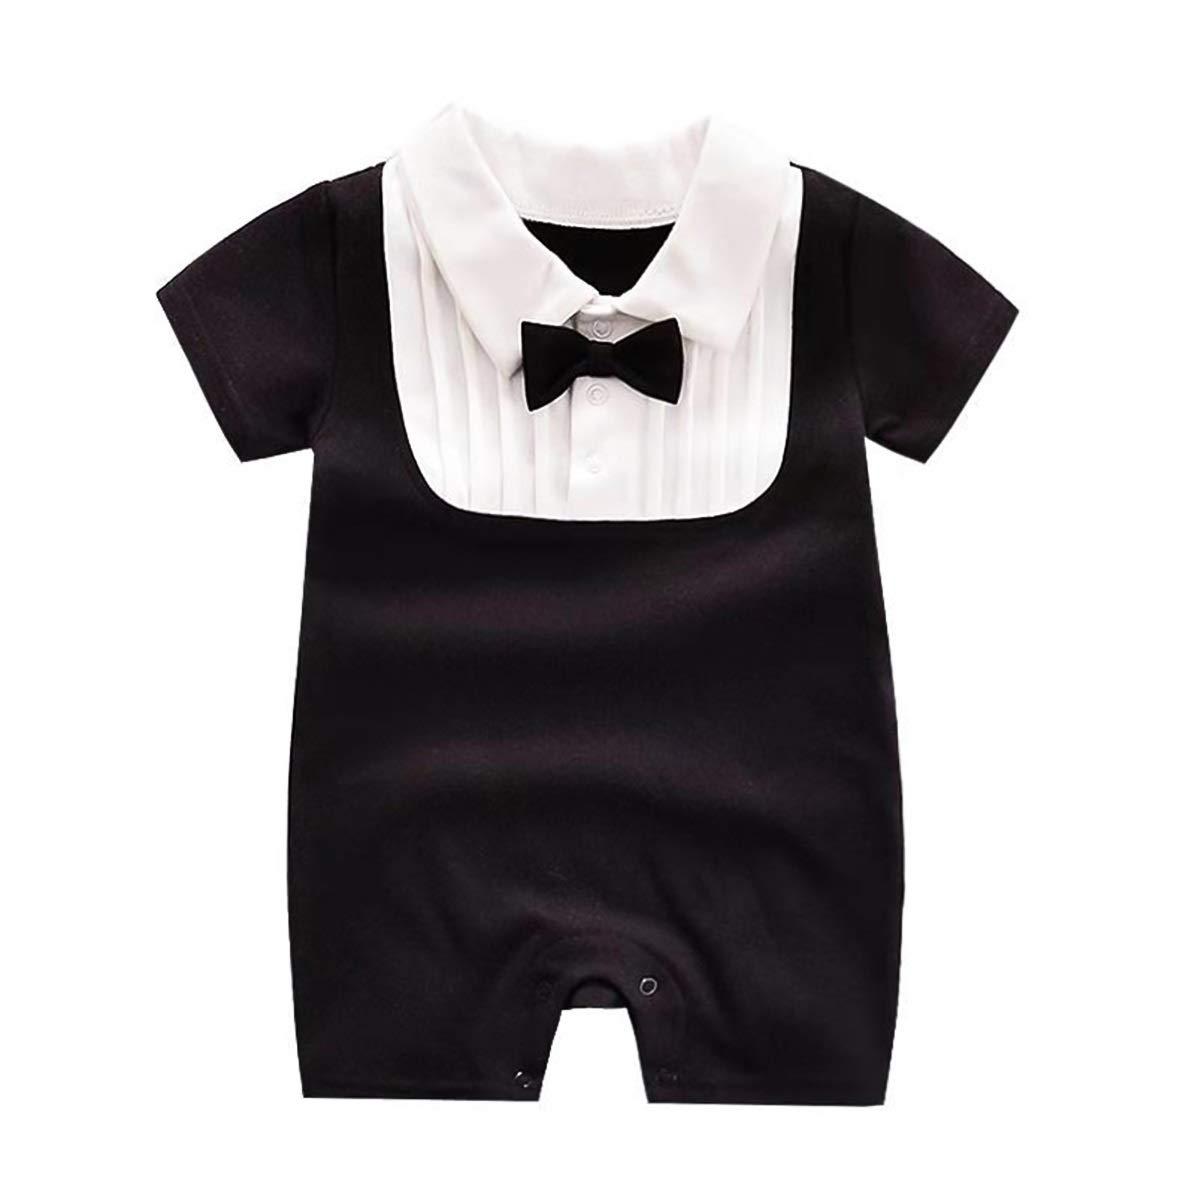 Chennie Baby Neonato Neonato Manica Corta Gentleman Pagliaccetto Outfit Tutina con Papillon